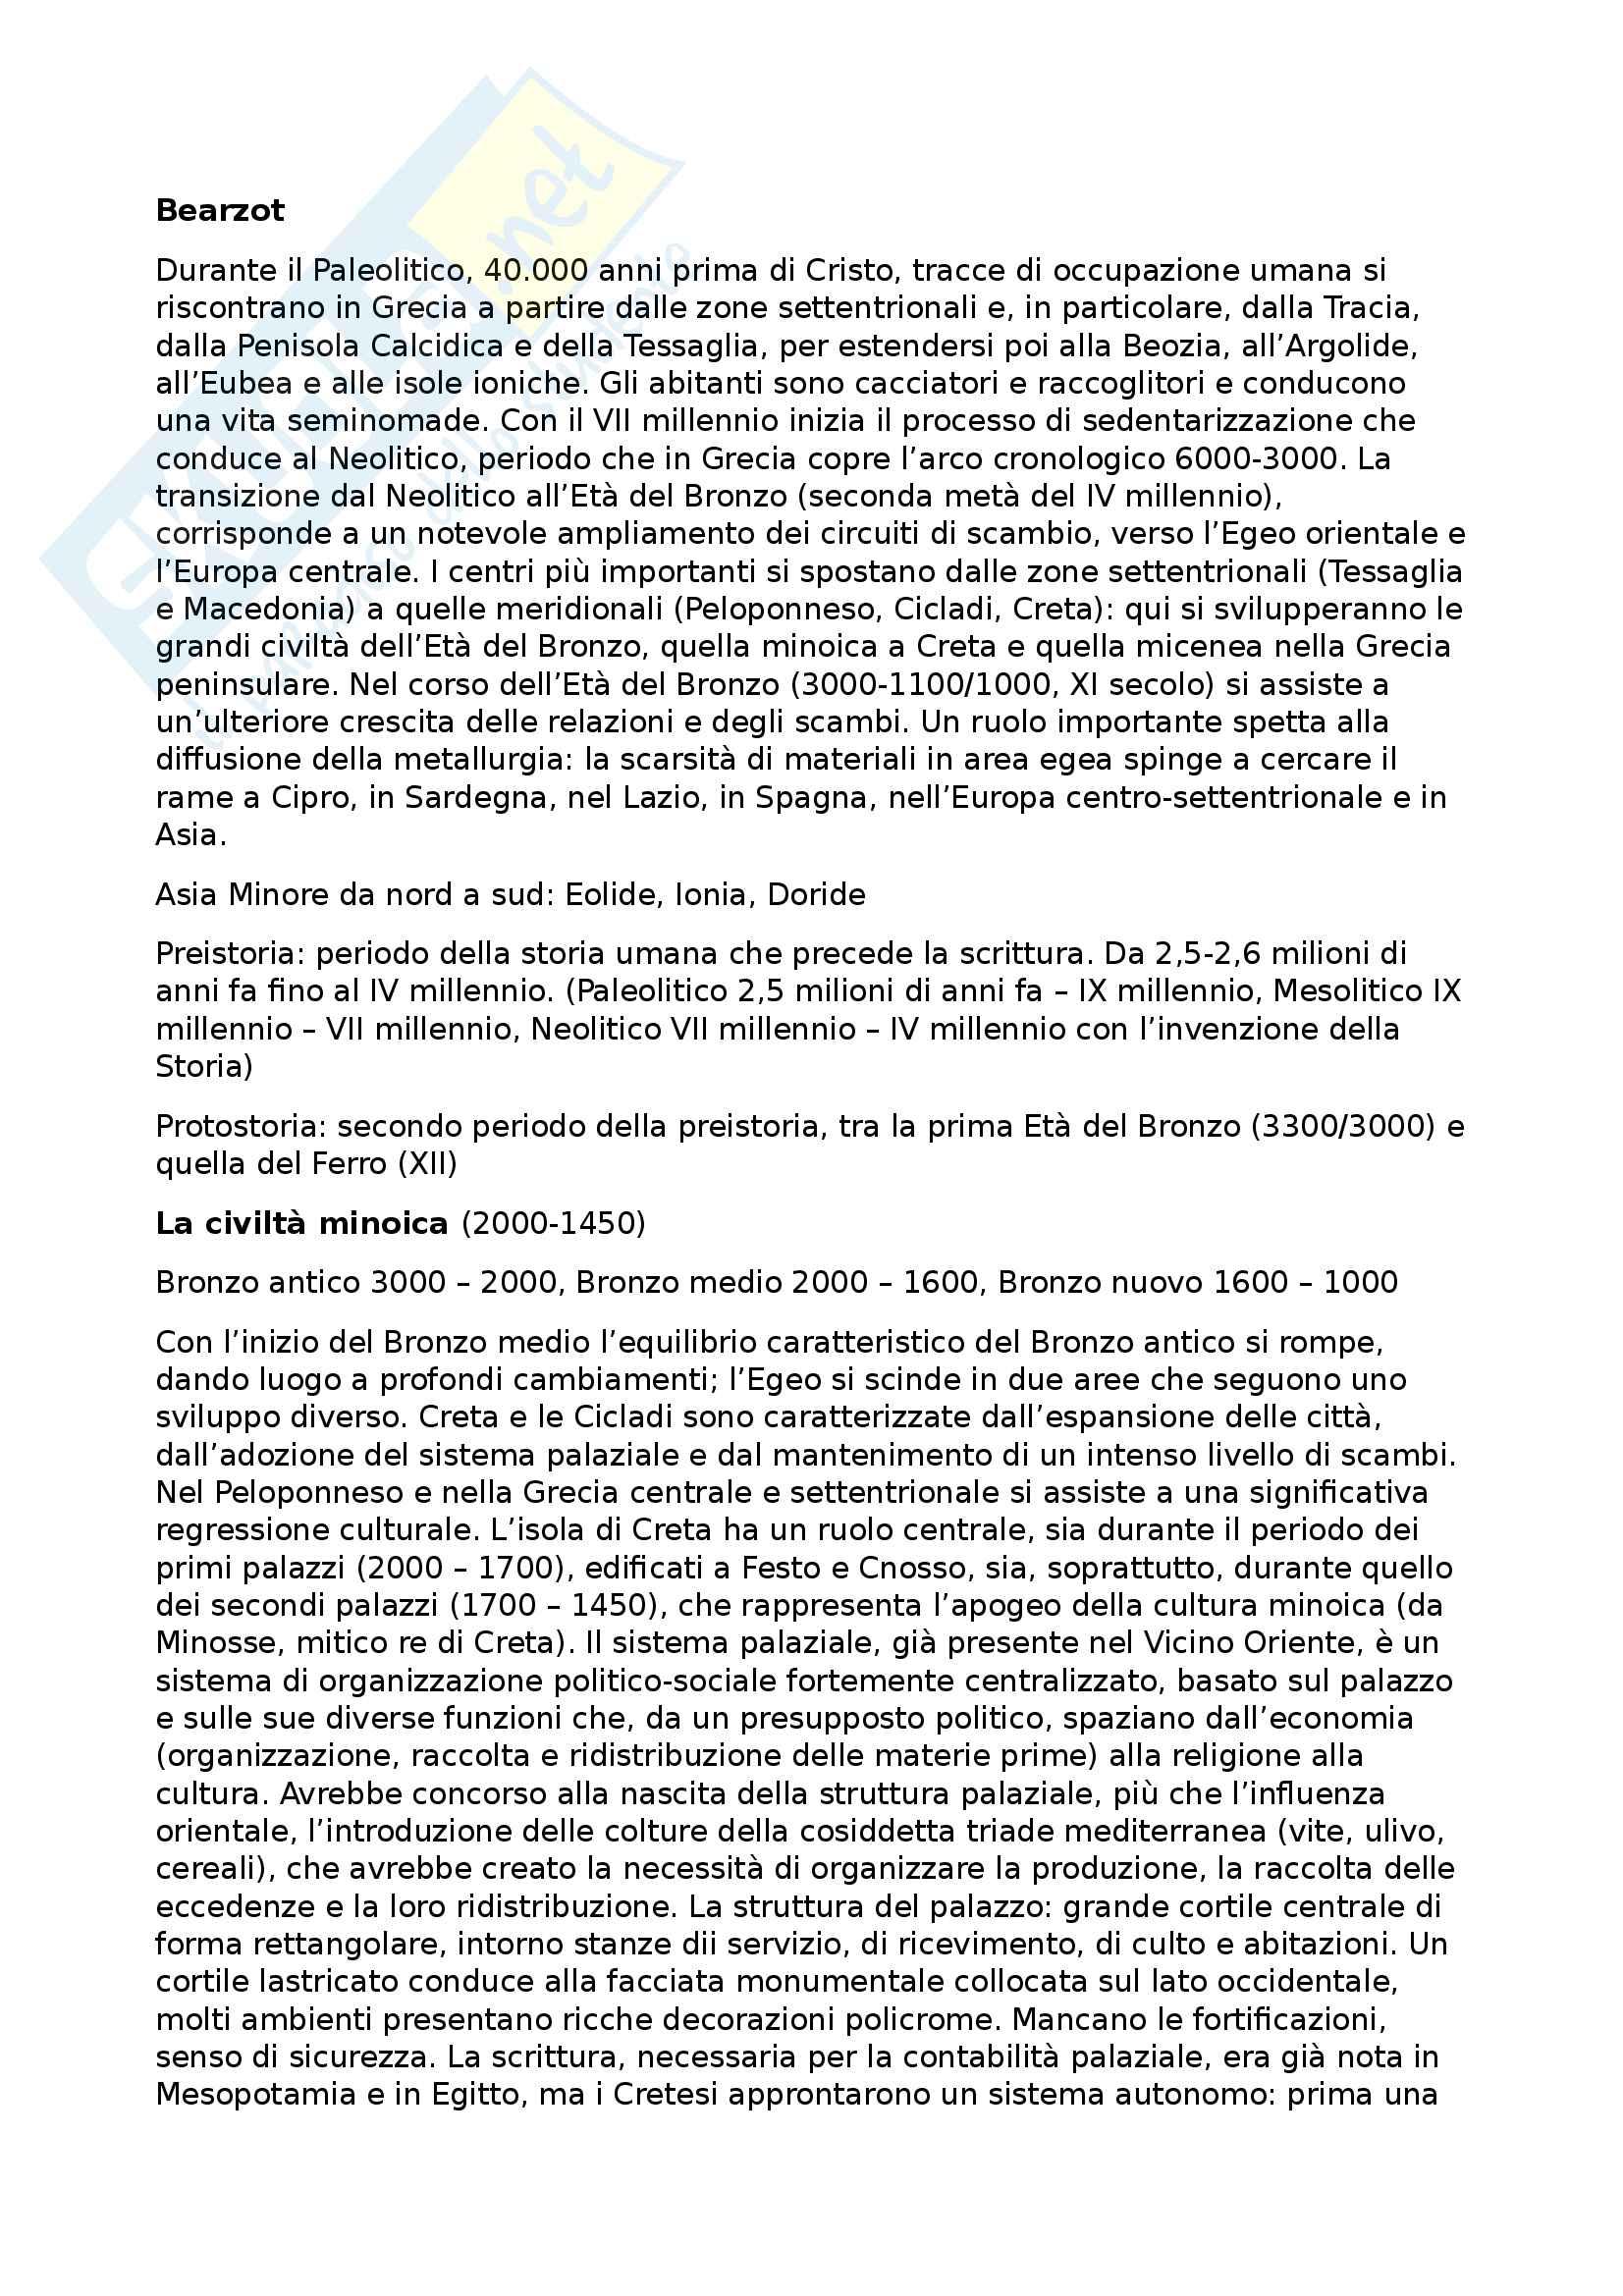 Riassunto di storia greca, libro consigliato: Manuale di storia greca, Cinzia Bearzot